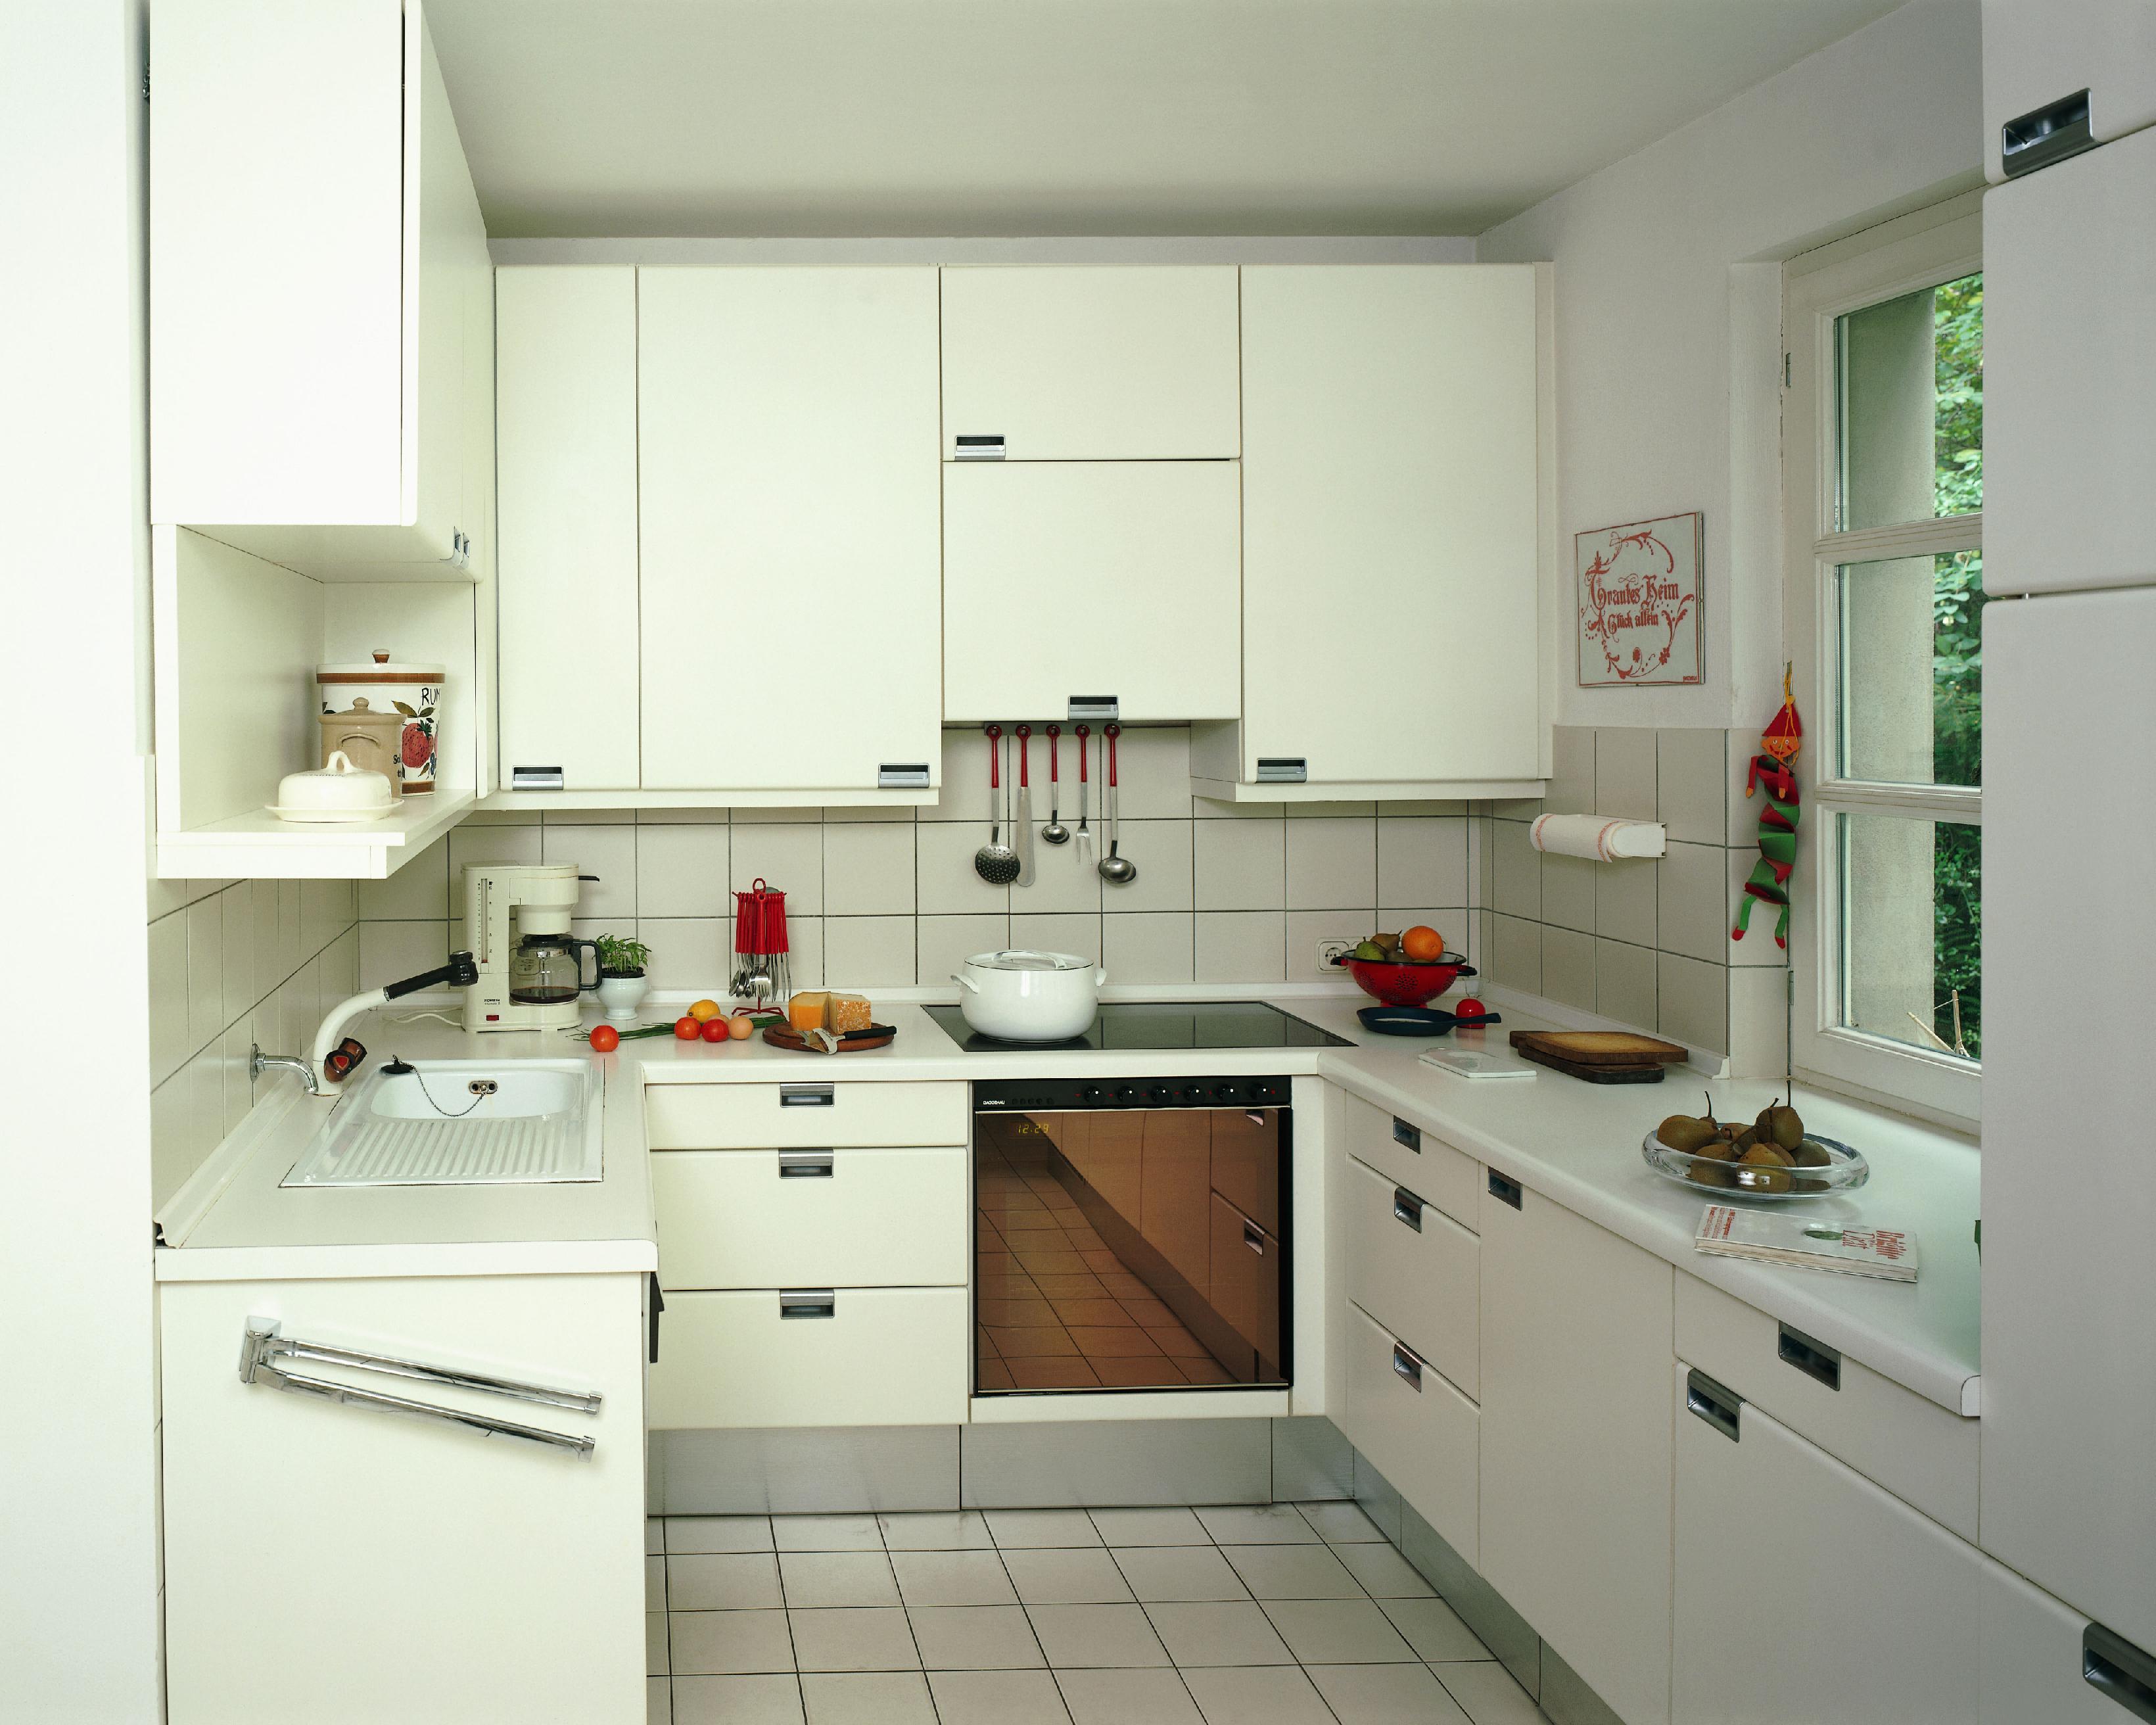 厨房收纳妙招一:以动线规划收纳 任何在收纳方面值得称道的厨房,都离不开与厨房动线的完美融合。因为无论是一字型、二字型、U型,乃至岛型厨房,都应该是依据空间和实际使用习惯来进行打造。 我们知道,所谓厨房动线就是指食物从储藏到清洗处理再到烹饪的运动线路。拿最简单的一字型的厨房来说,冰箱、水槽、料理台外加灶具,就构成了一条最简洁的厨房行动路线。而厨房要使用的舒适,当然也就离不开各类物品的存放。如此,与之相对应的,厨房物品在需要之时的拿取方便与否,很大程度上决定了这个厨房的实用性。 所以,在设计厨房时,业主或设